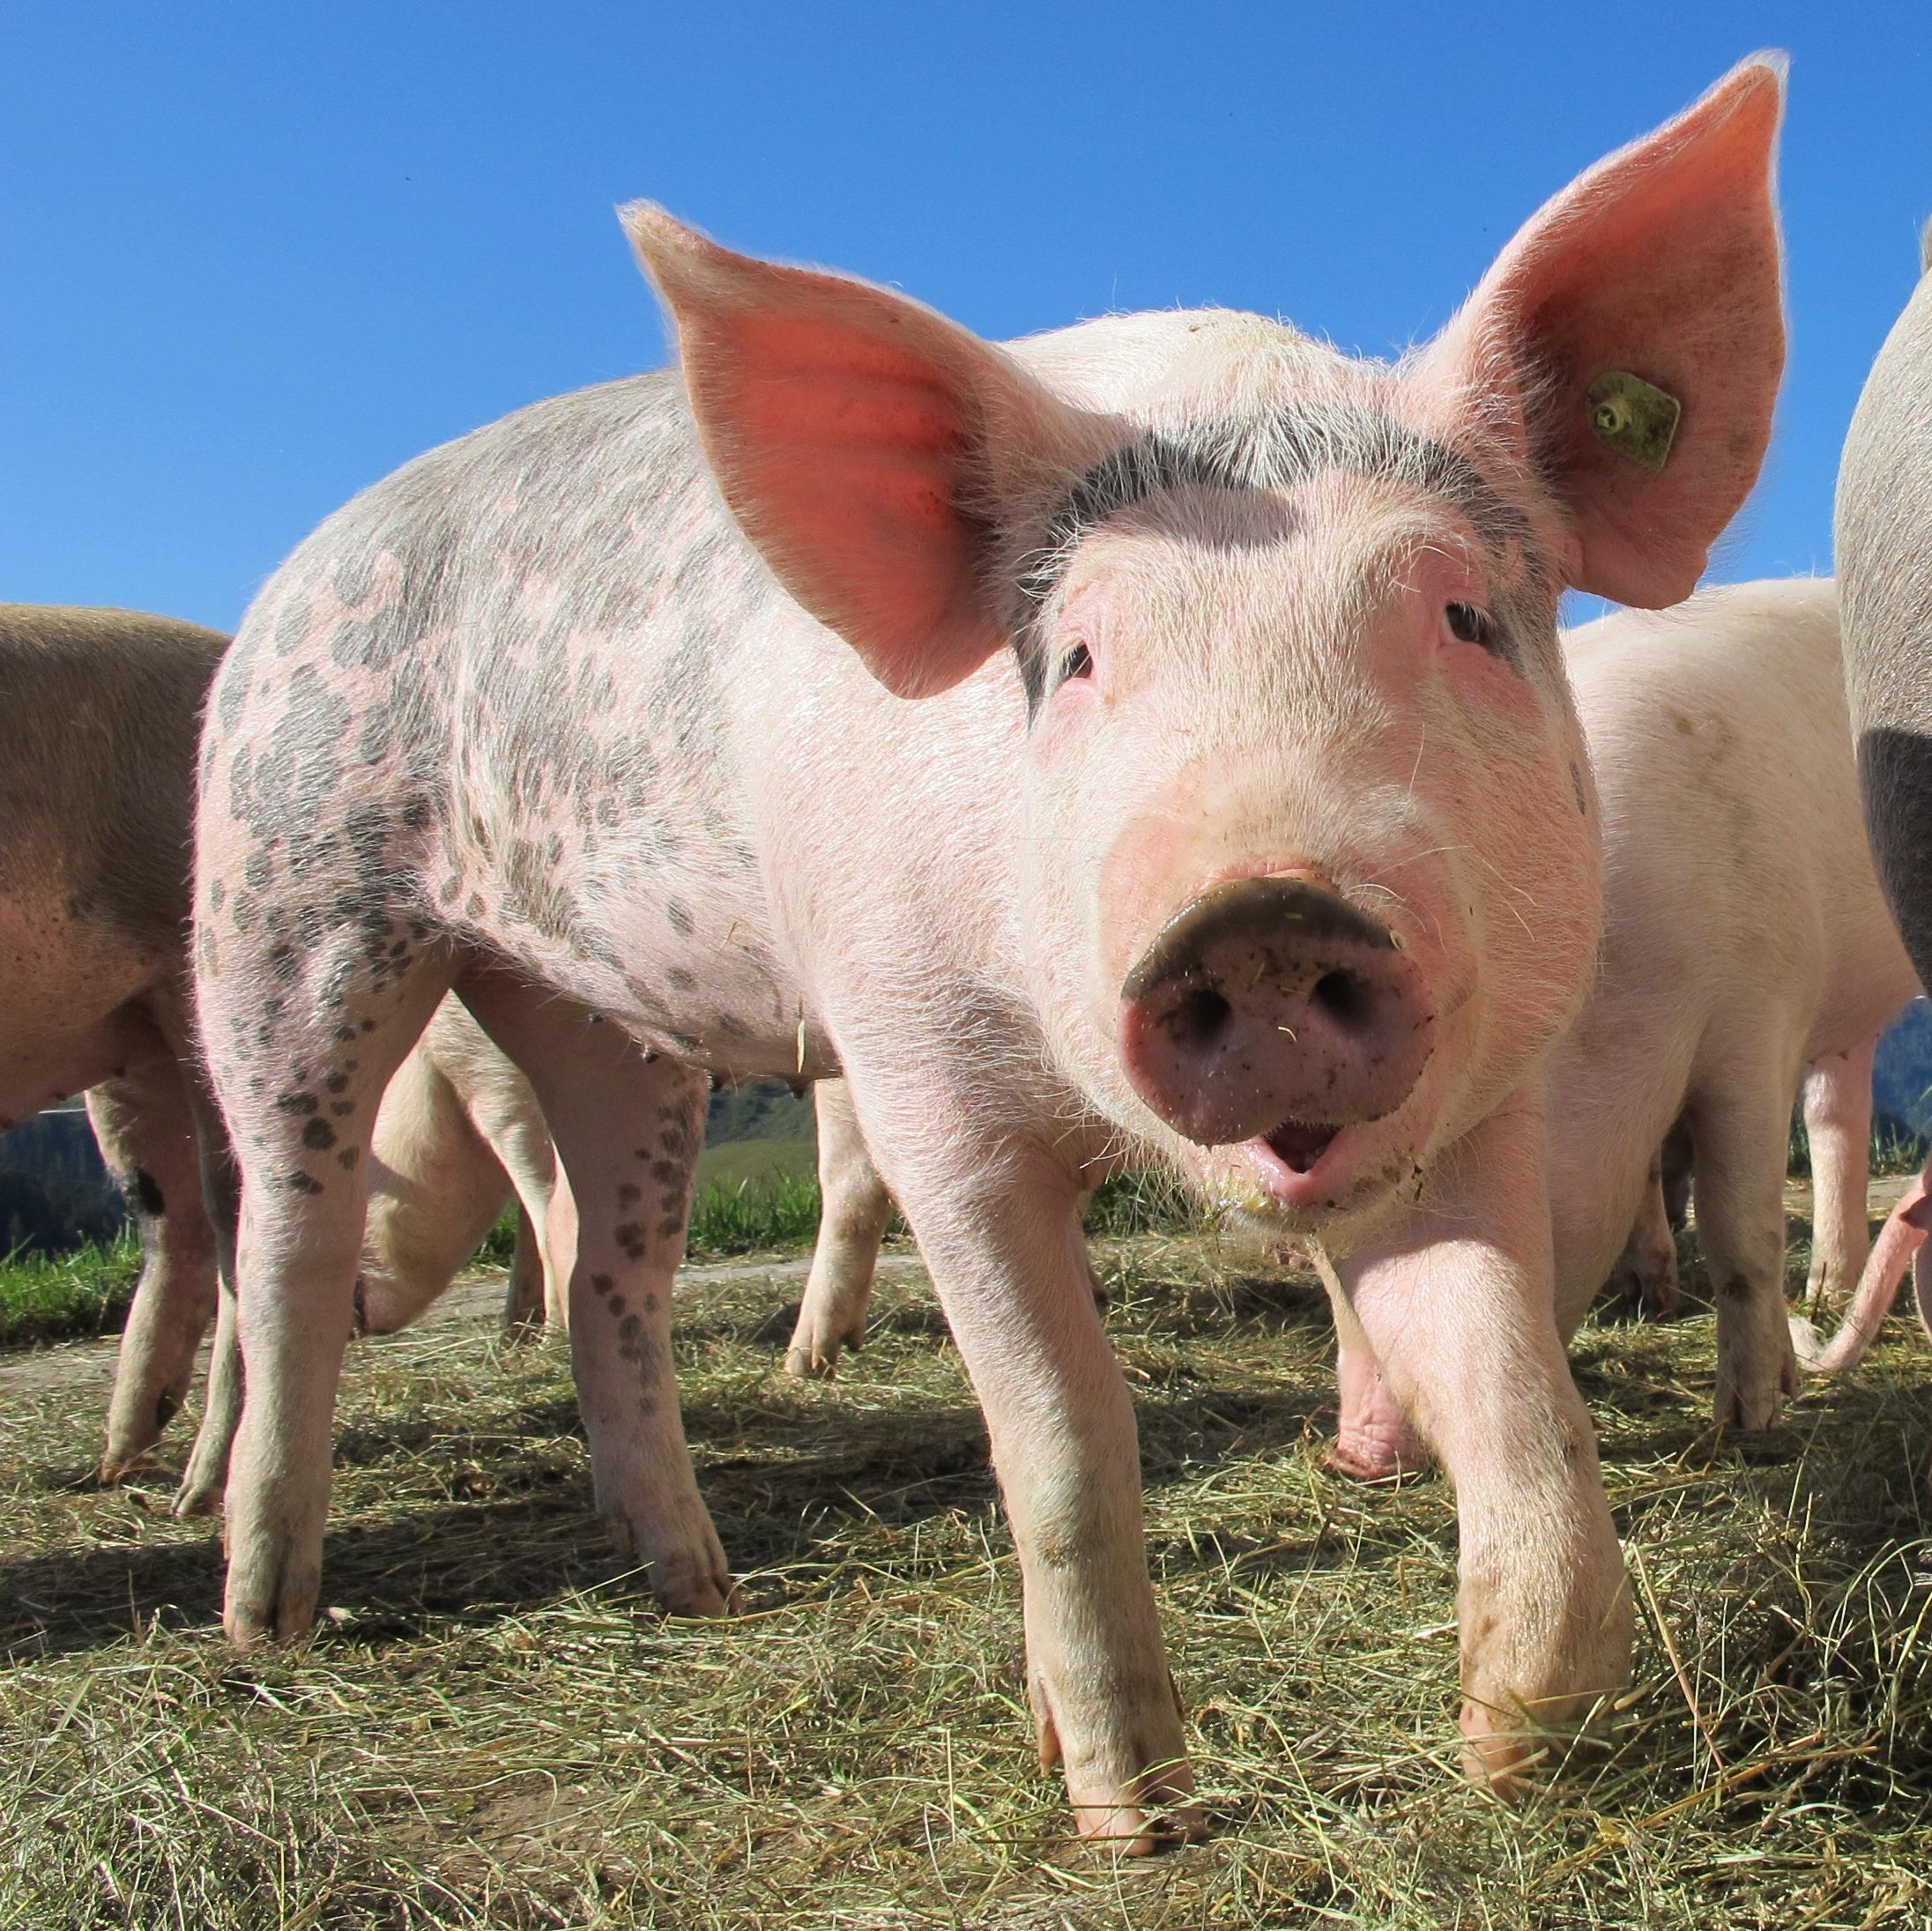 國光生技攜手農科院 投入動物疫苗開發